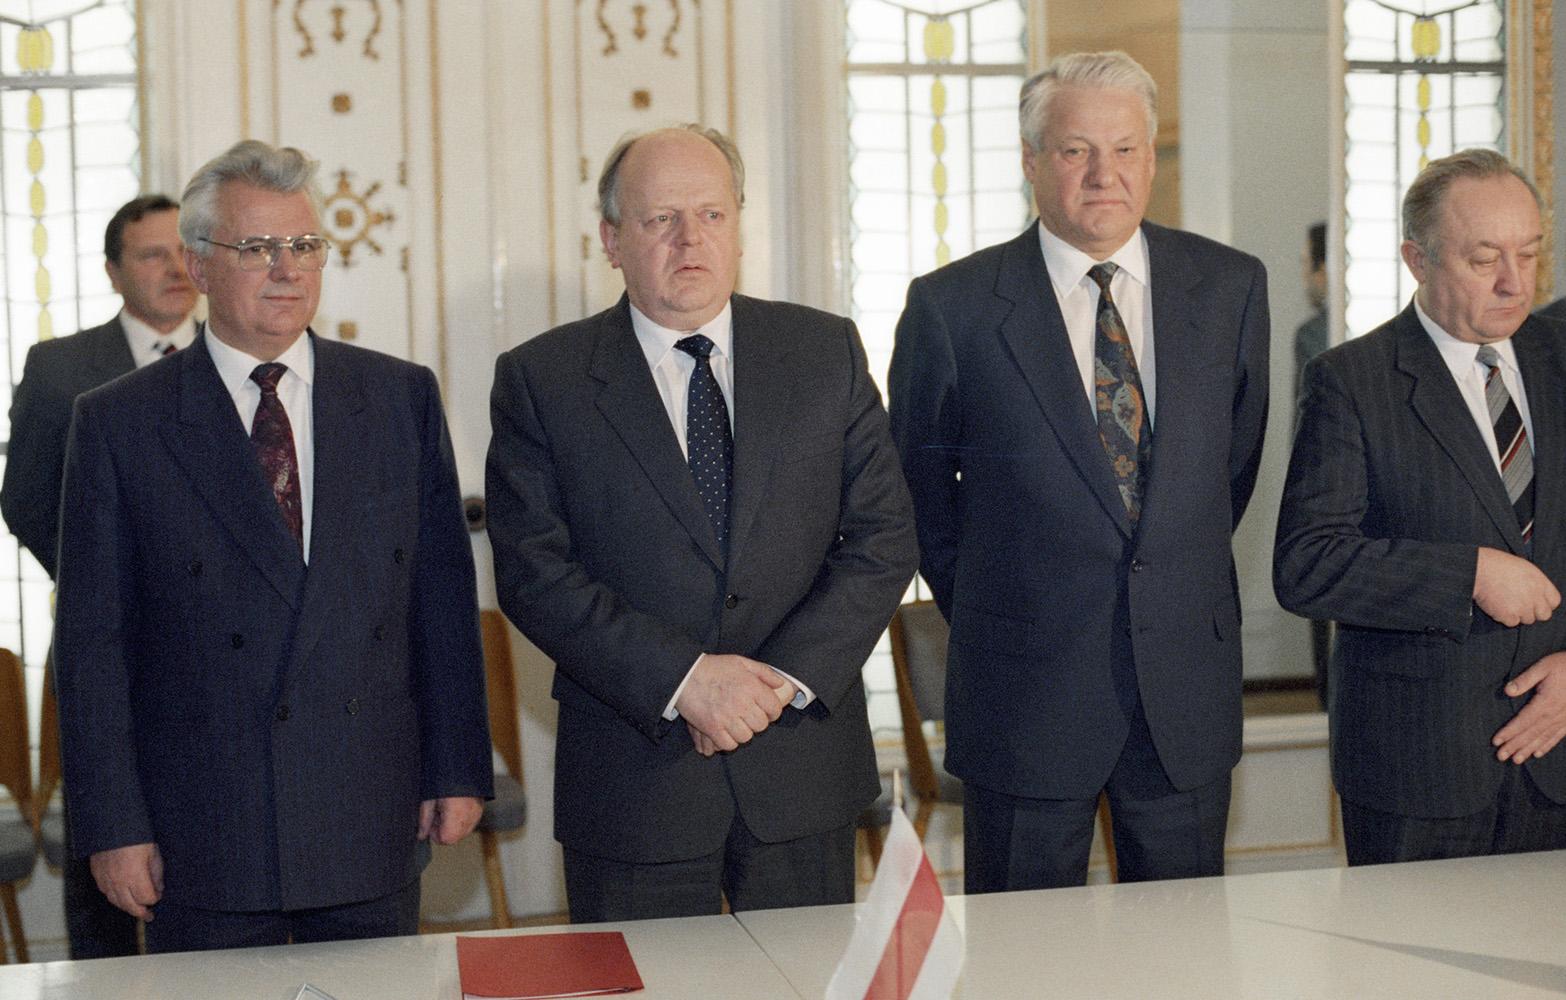 belovezhskie soglasheniya elcin shushkevich kravchuk